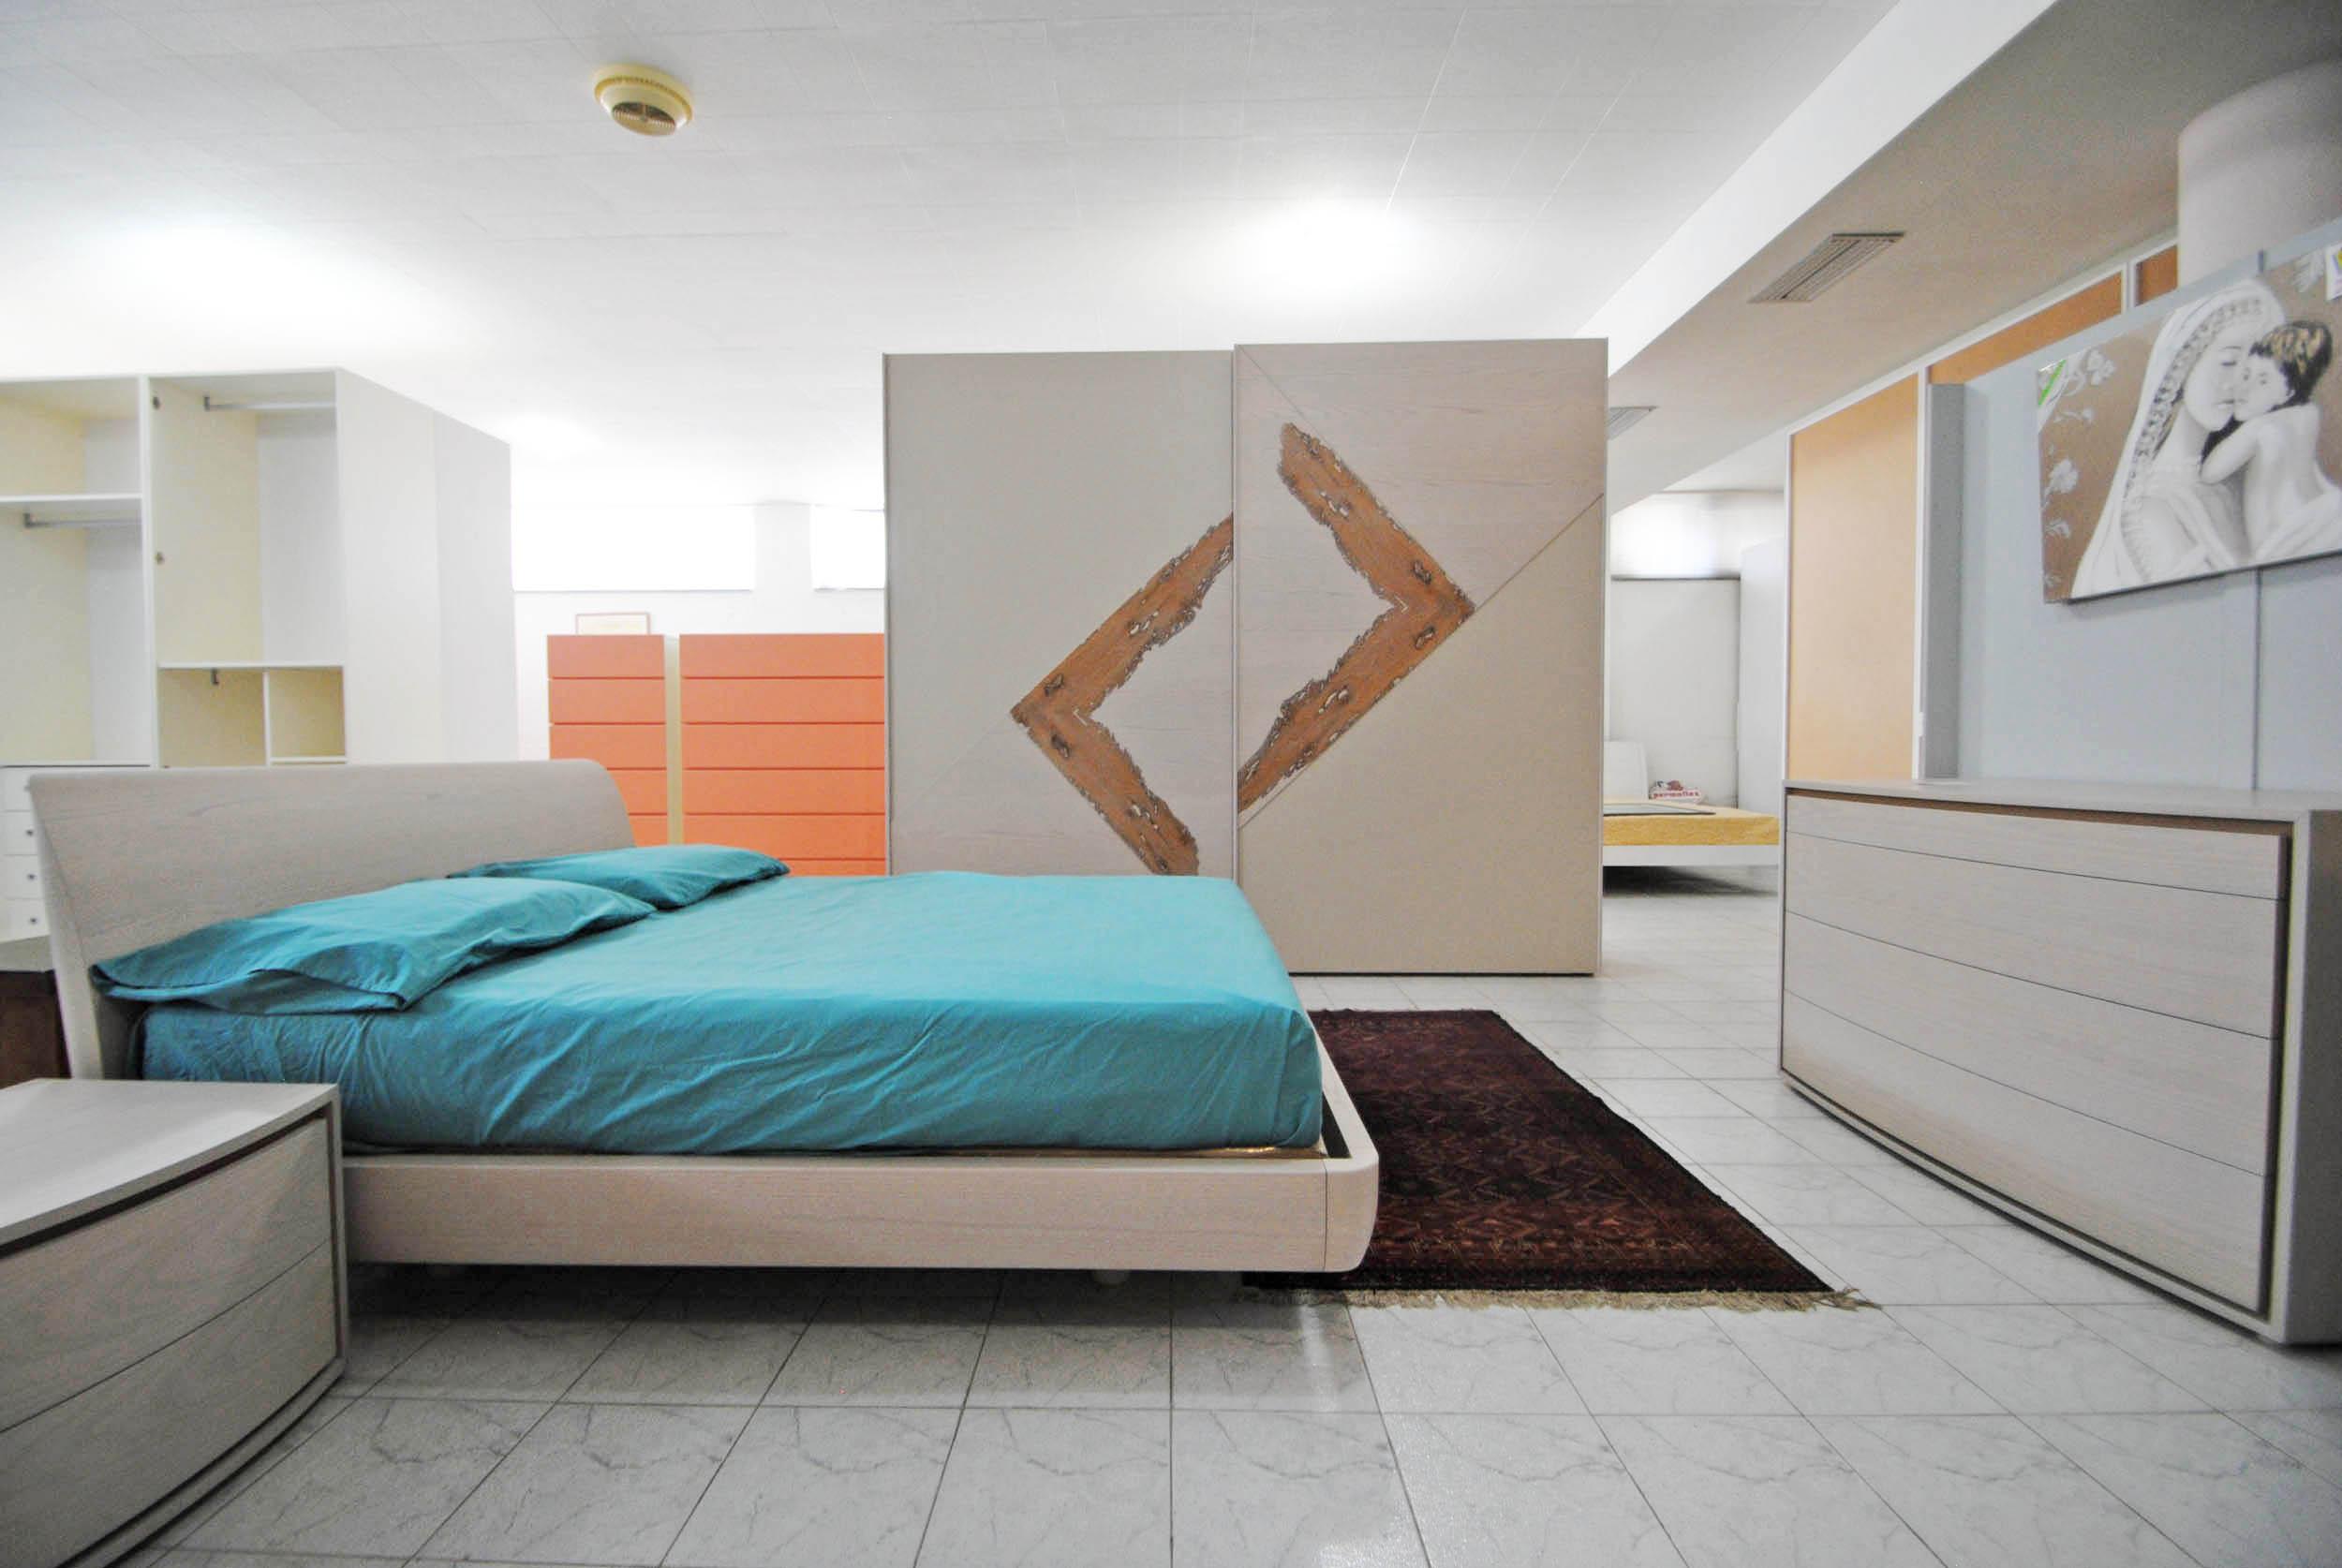 Vendita camere da letto mobili patriarca tortoreto for Camere da letto vendita on line